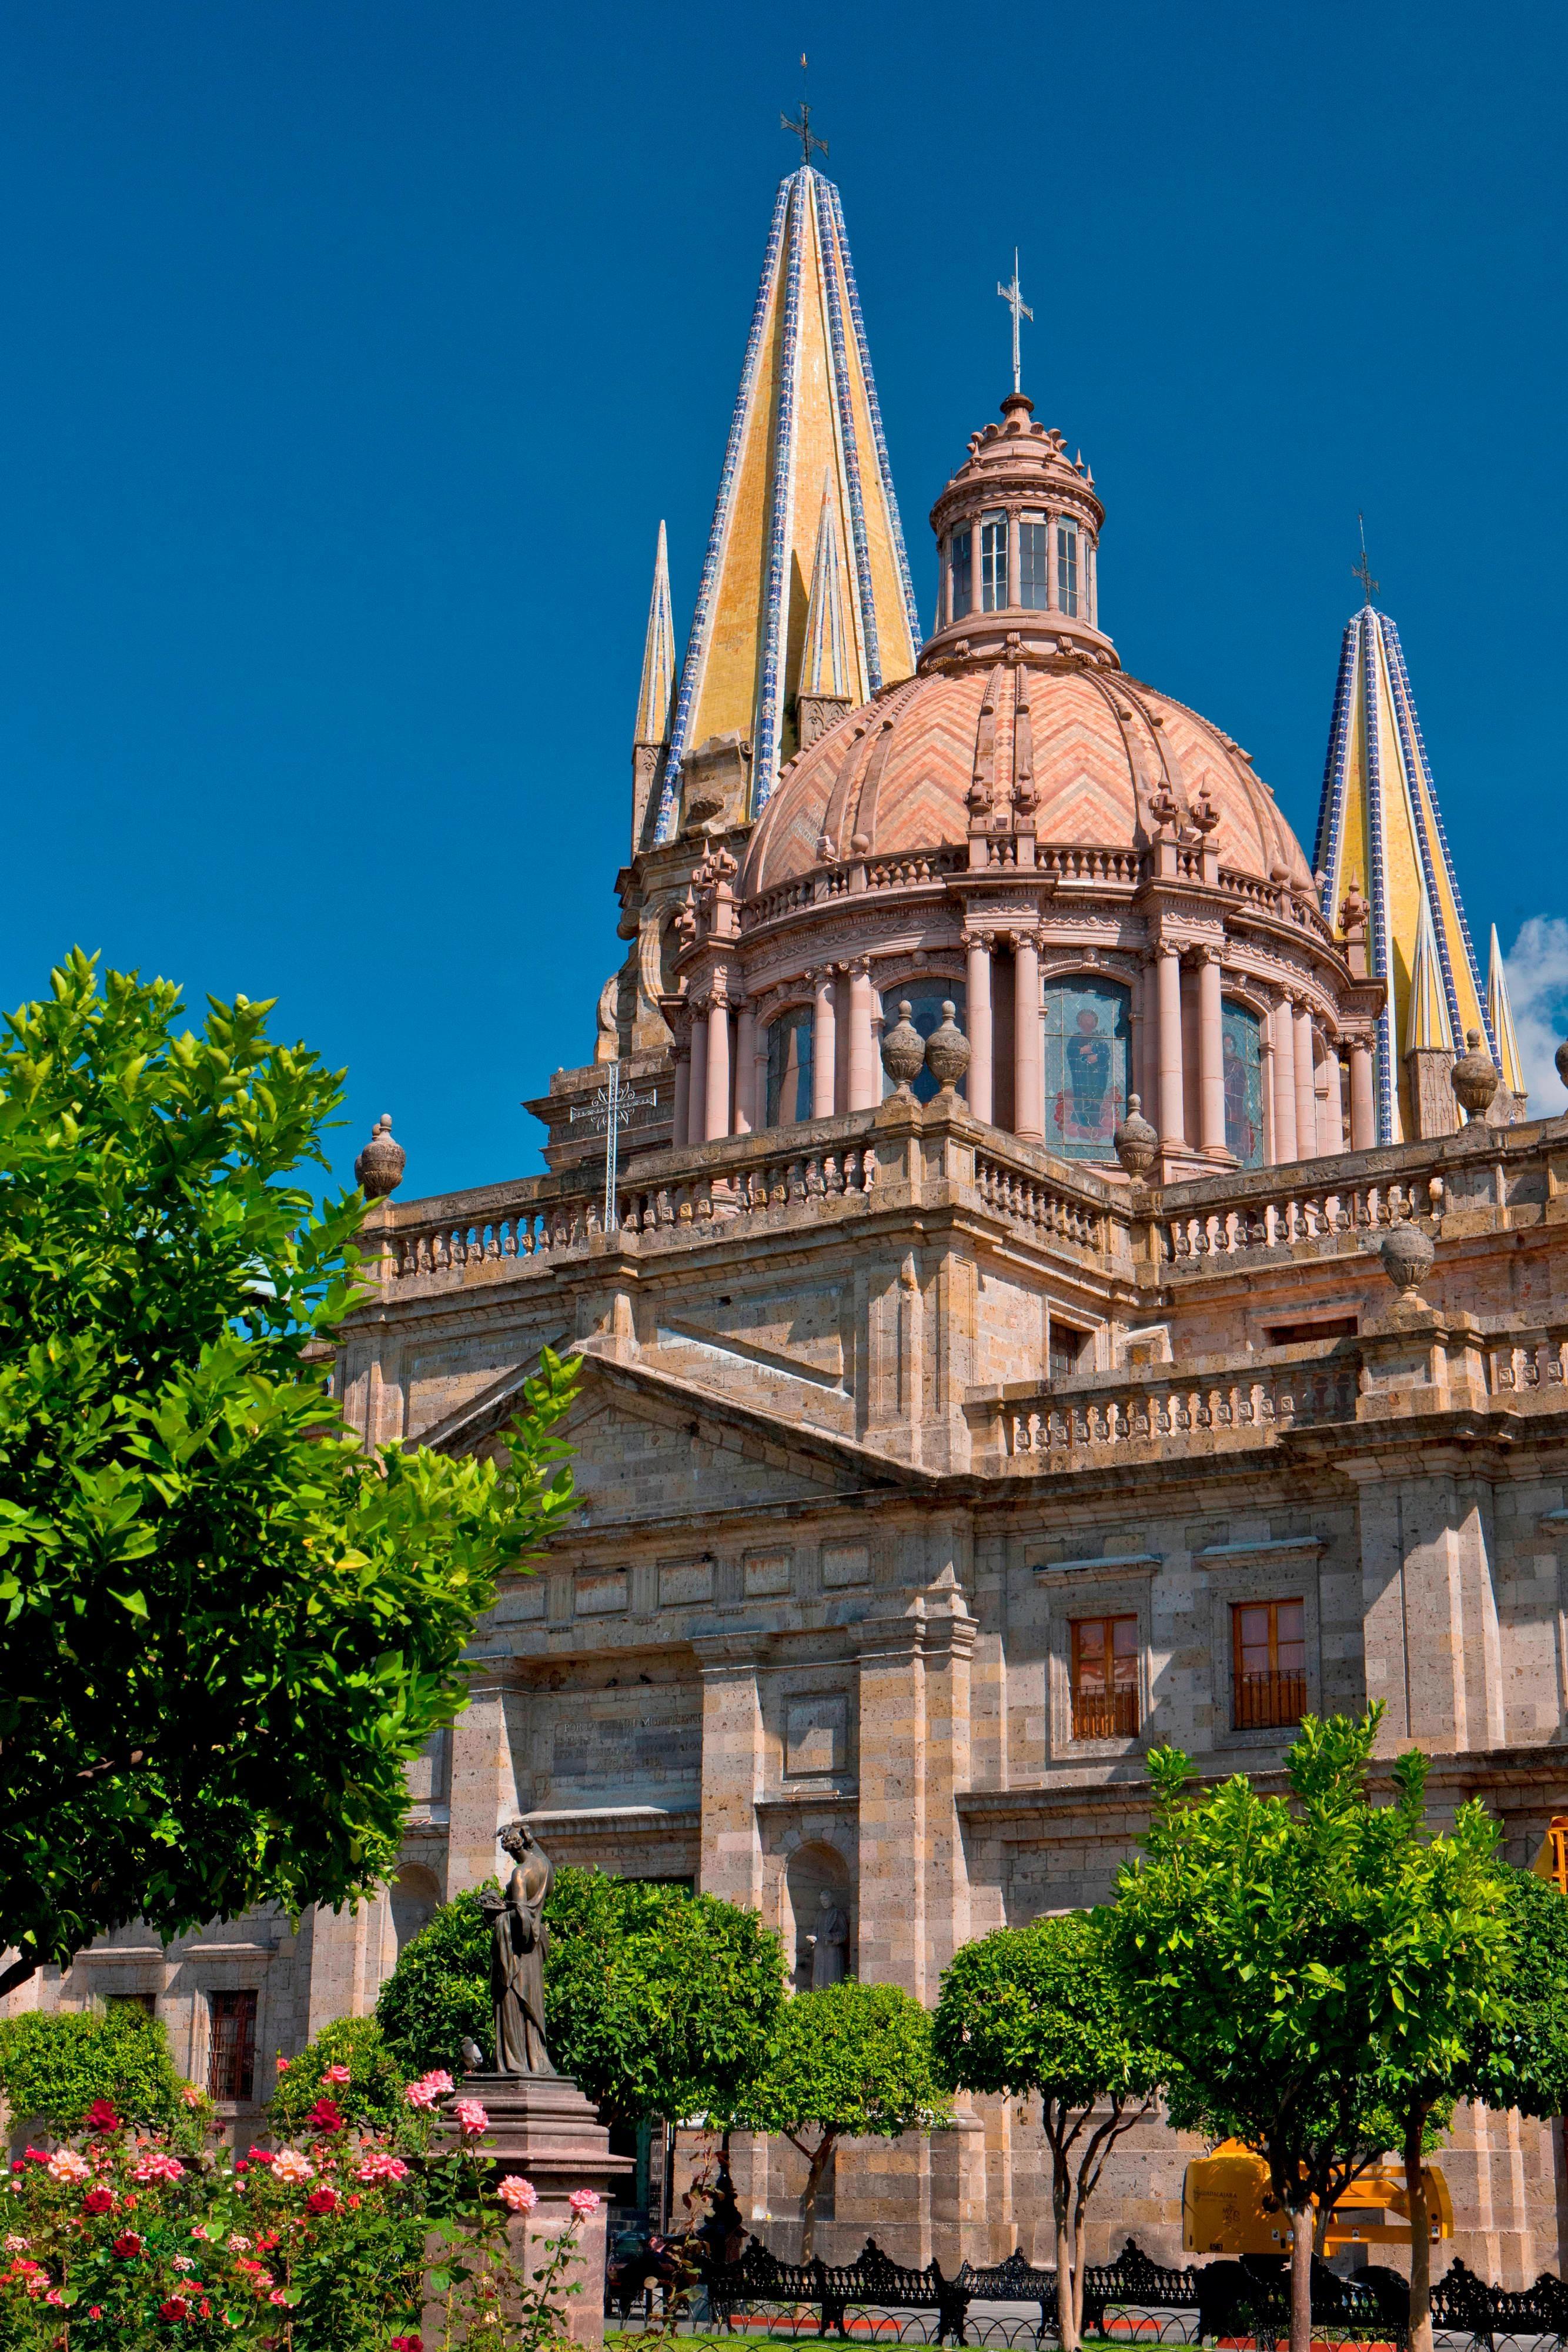 The Guadalajara Cathedral